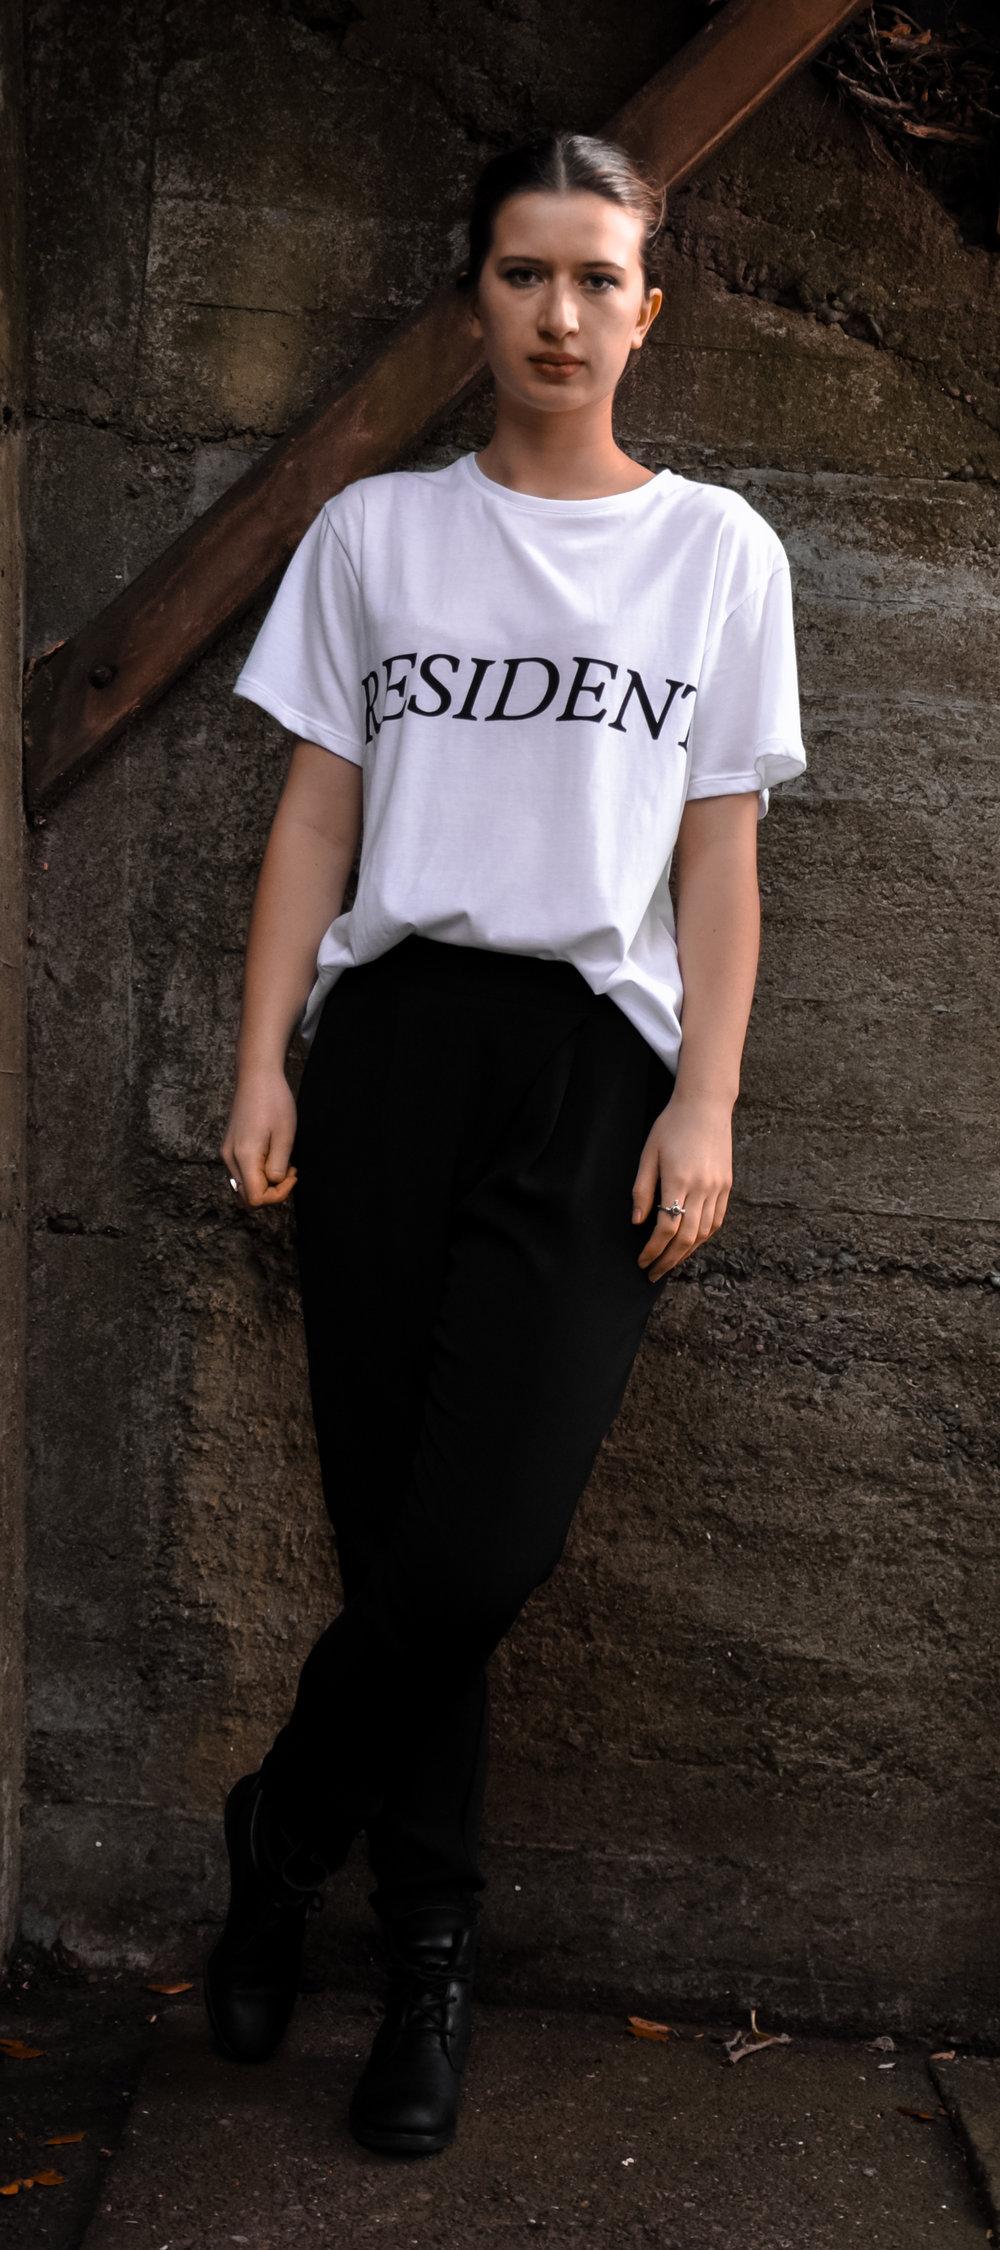 Resident3 (1).jpg